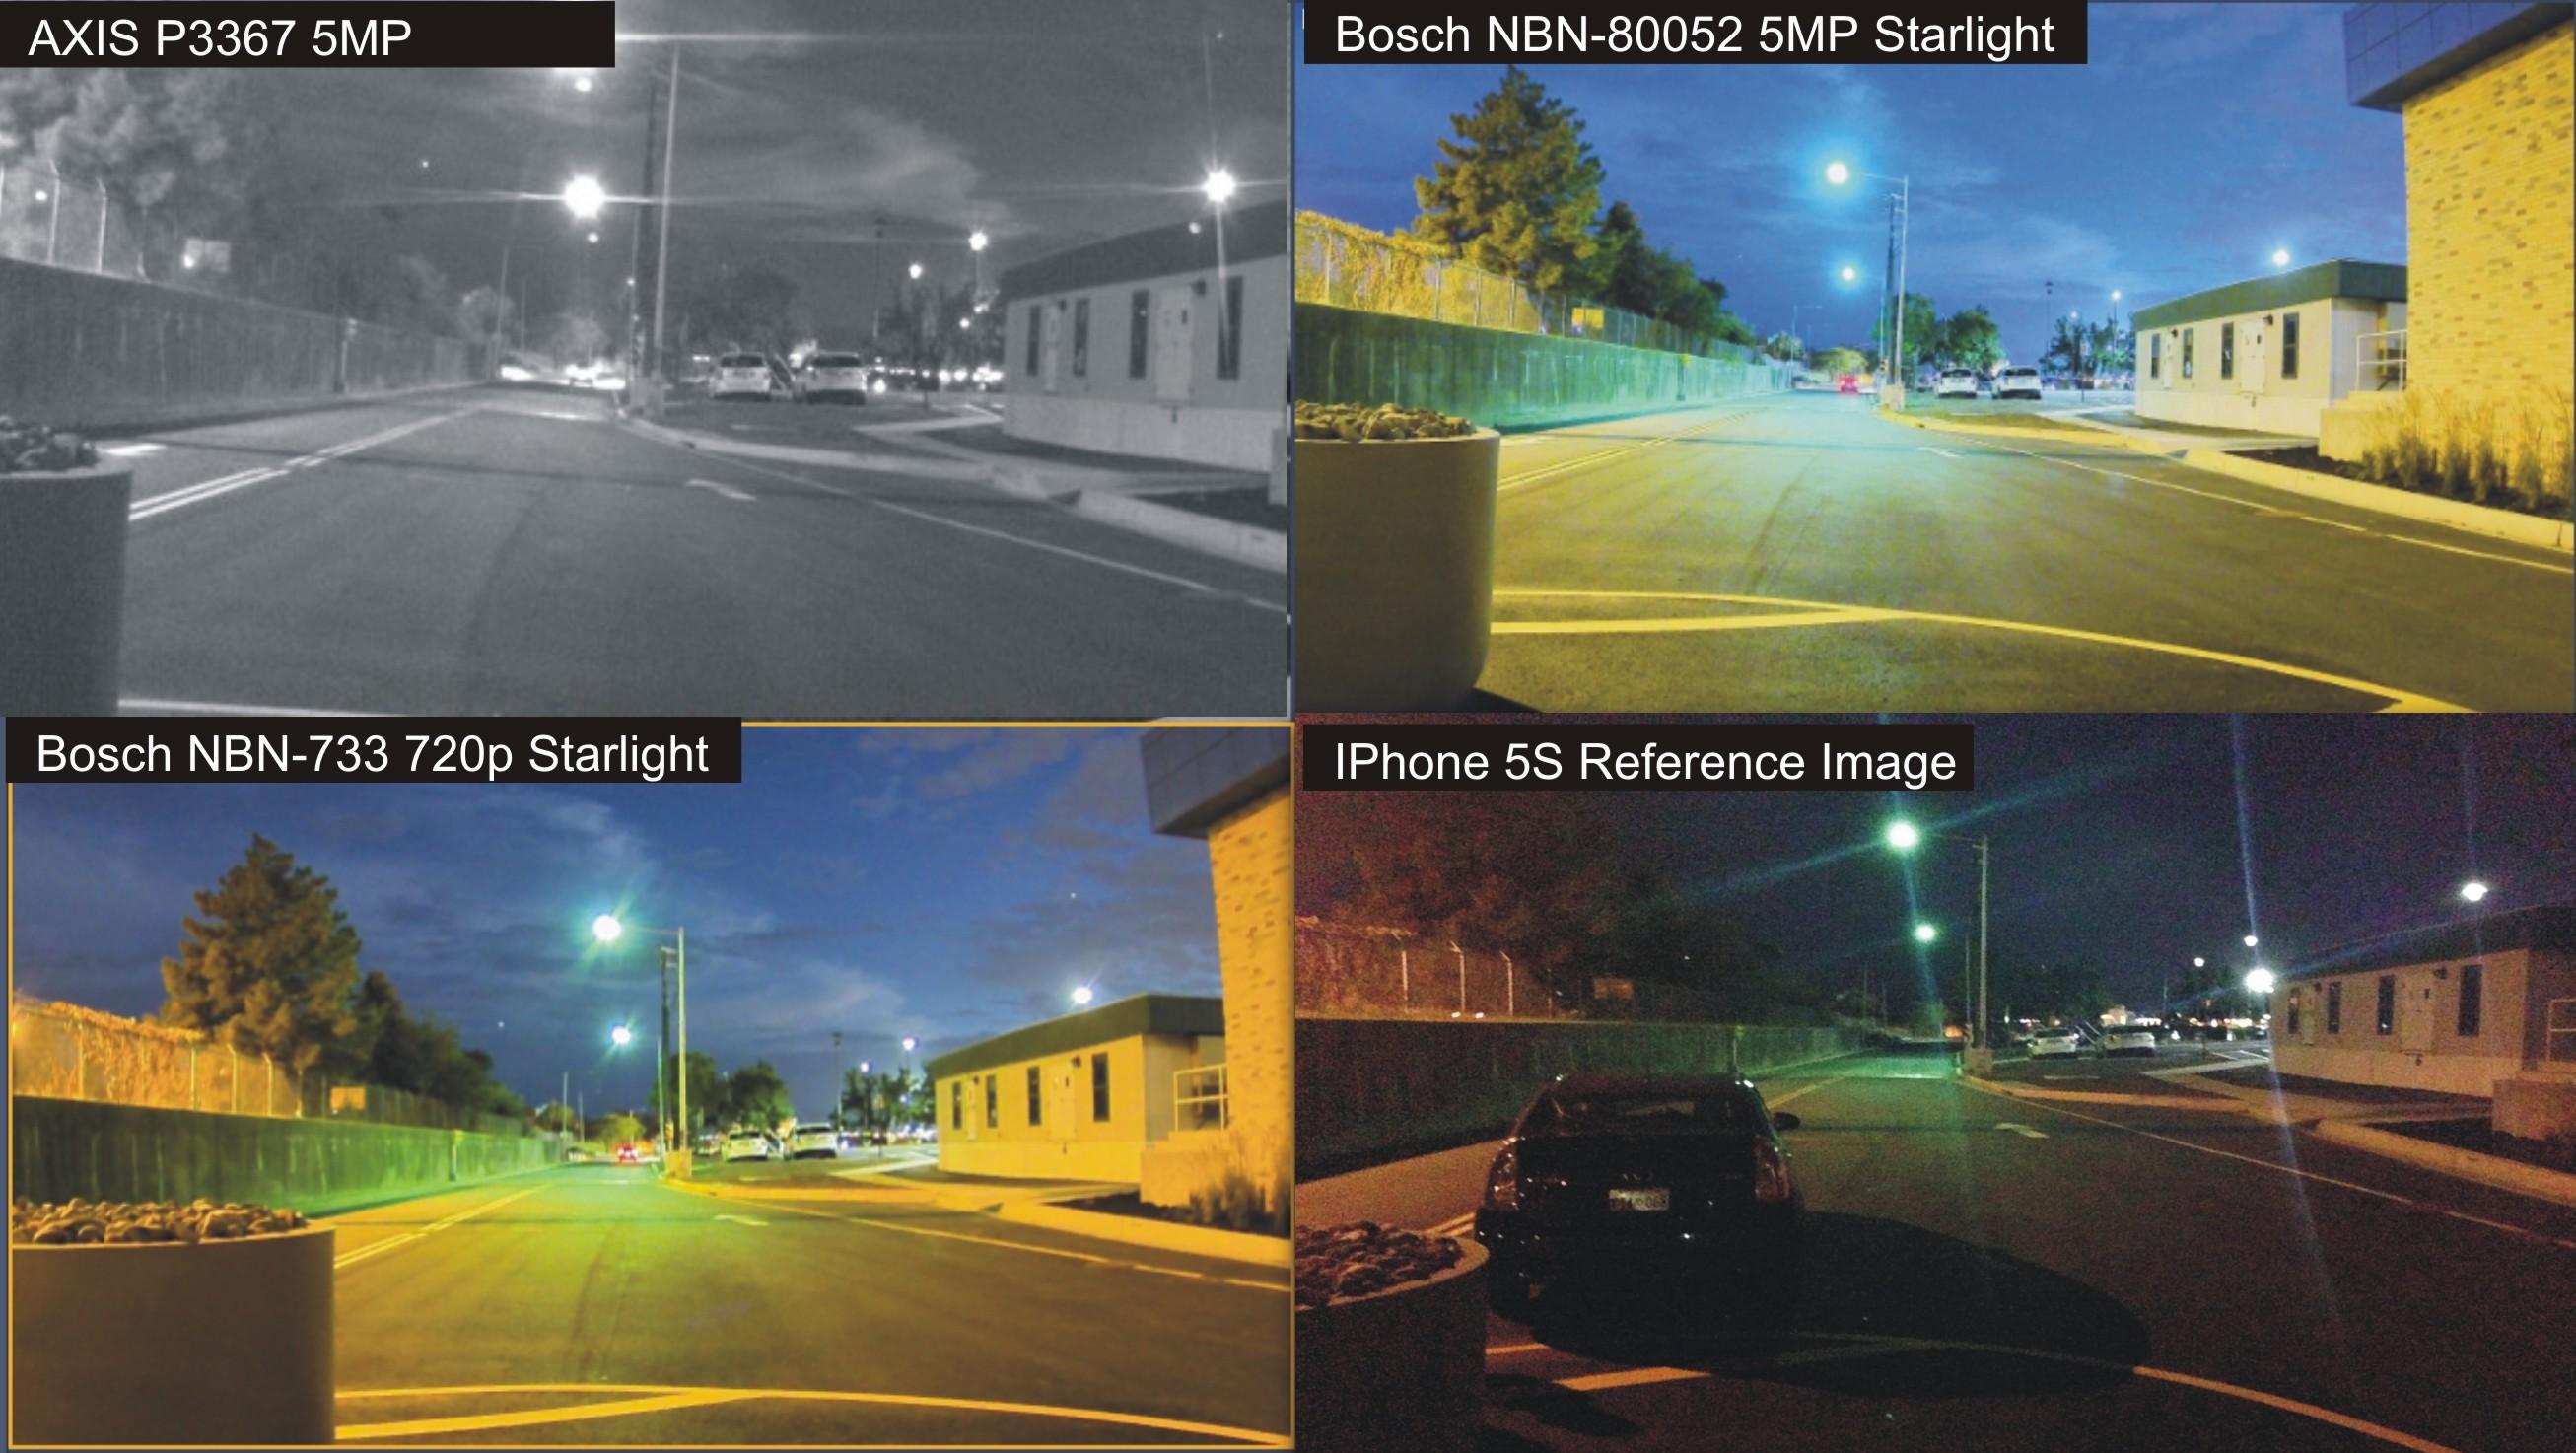 Axis_vs_Bosch_Low_Light_Shootout_9-2014_Final_Comparison